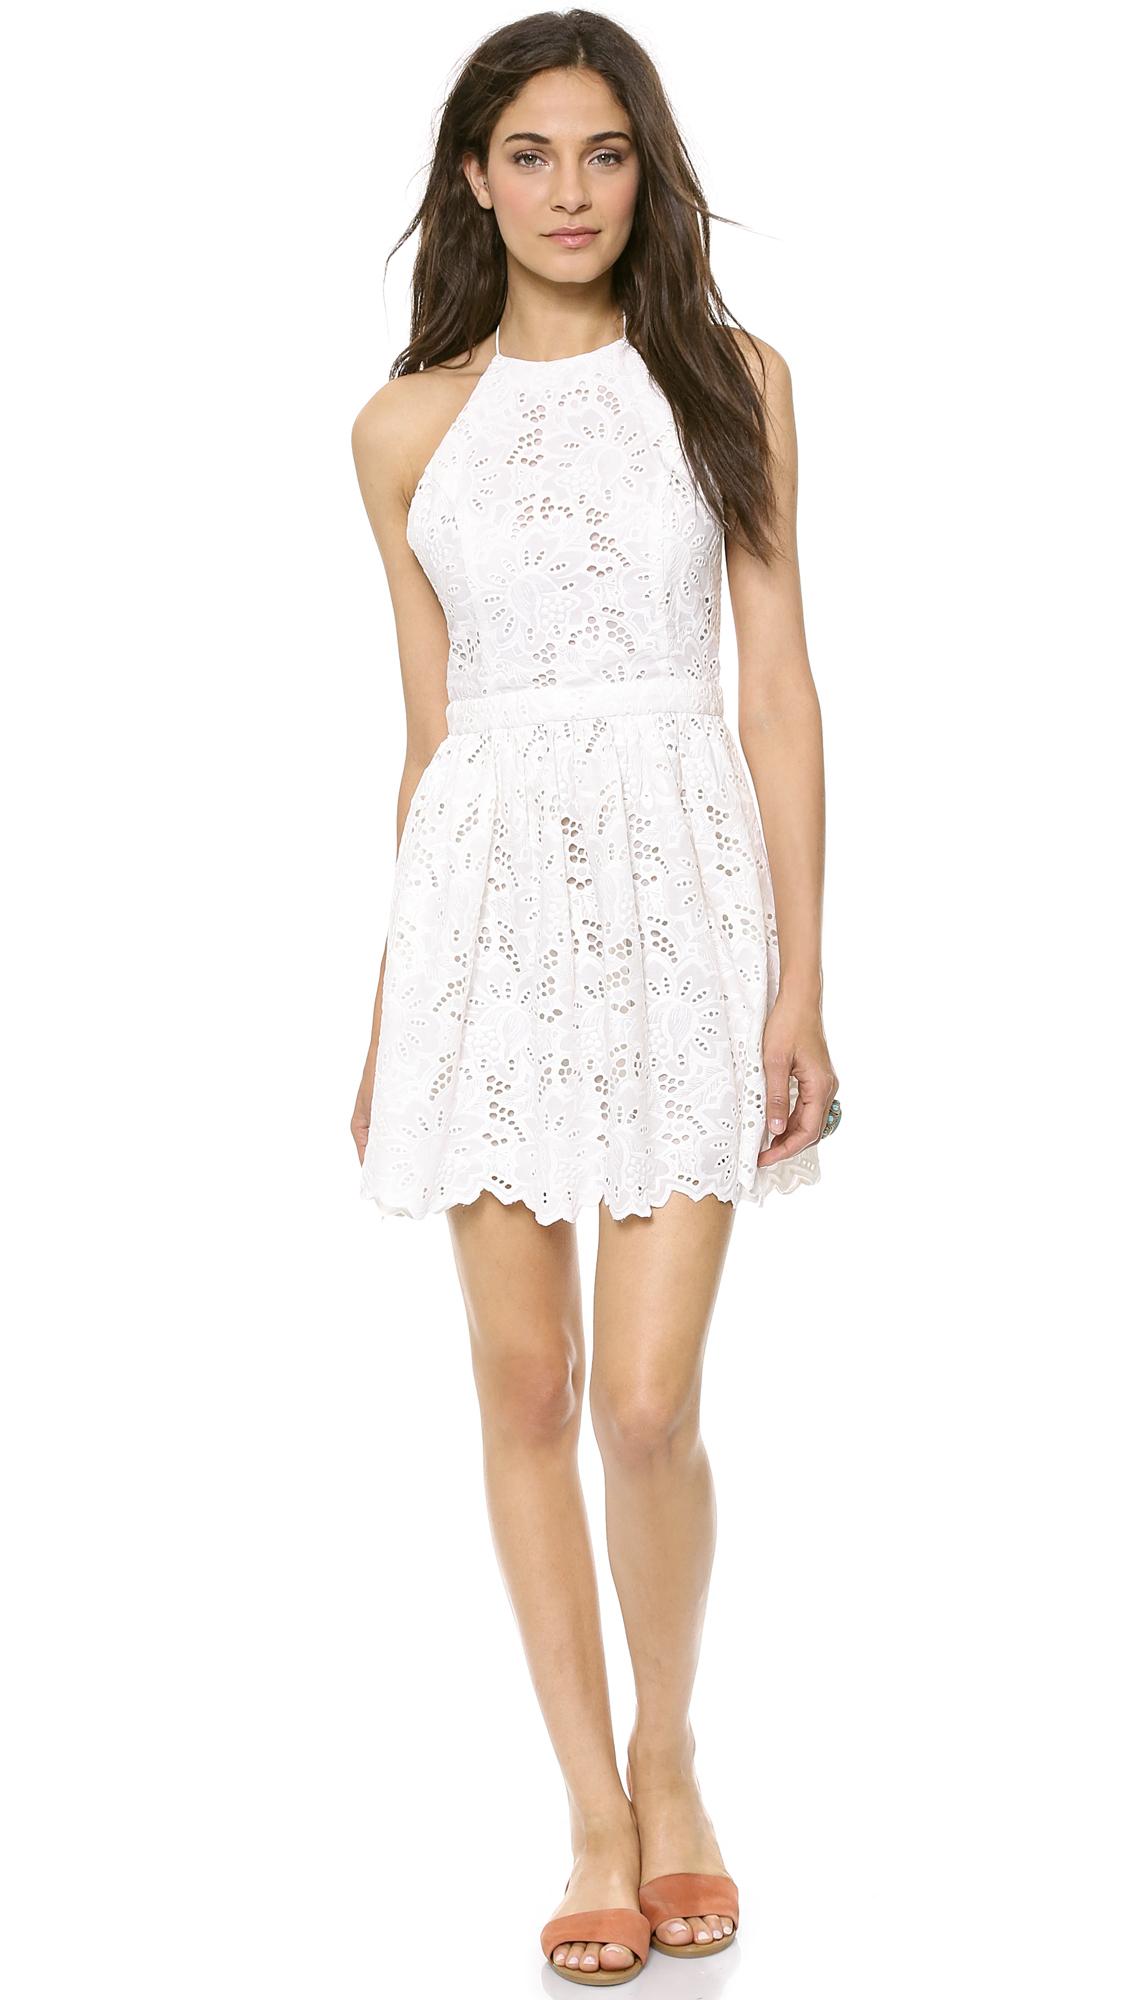 White eyelet zimmermann dress